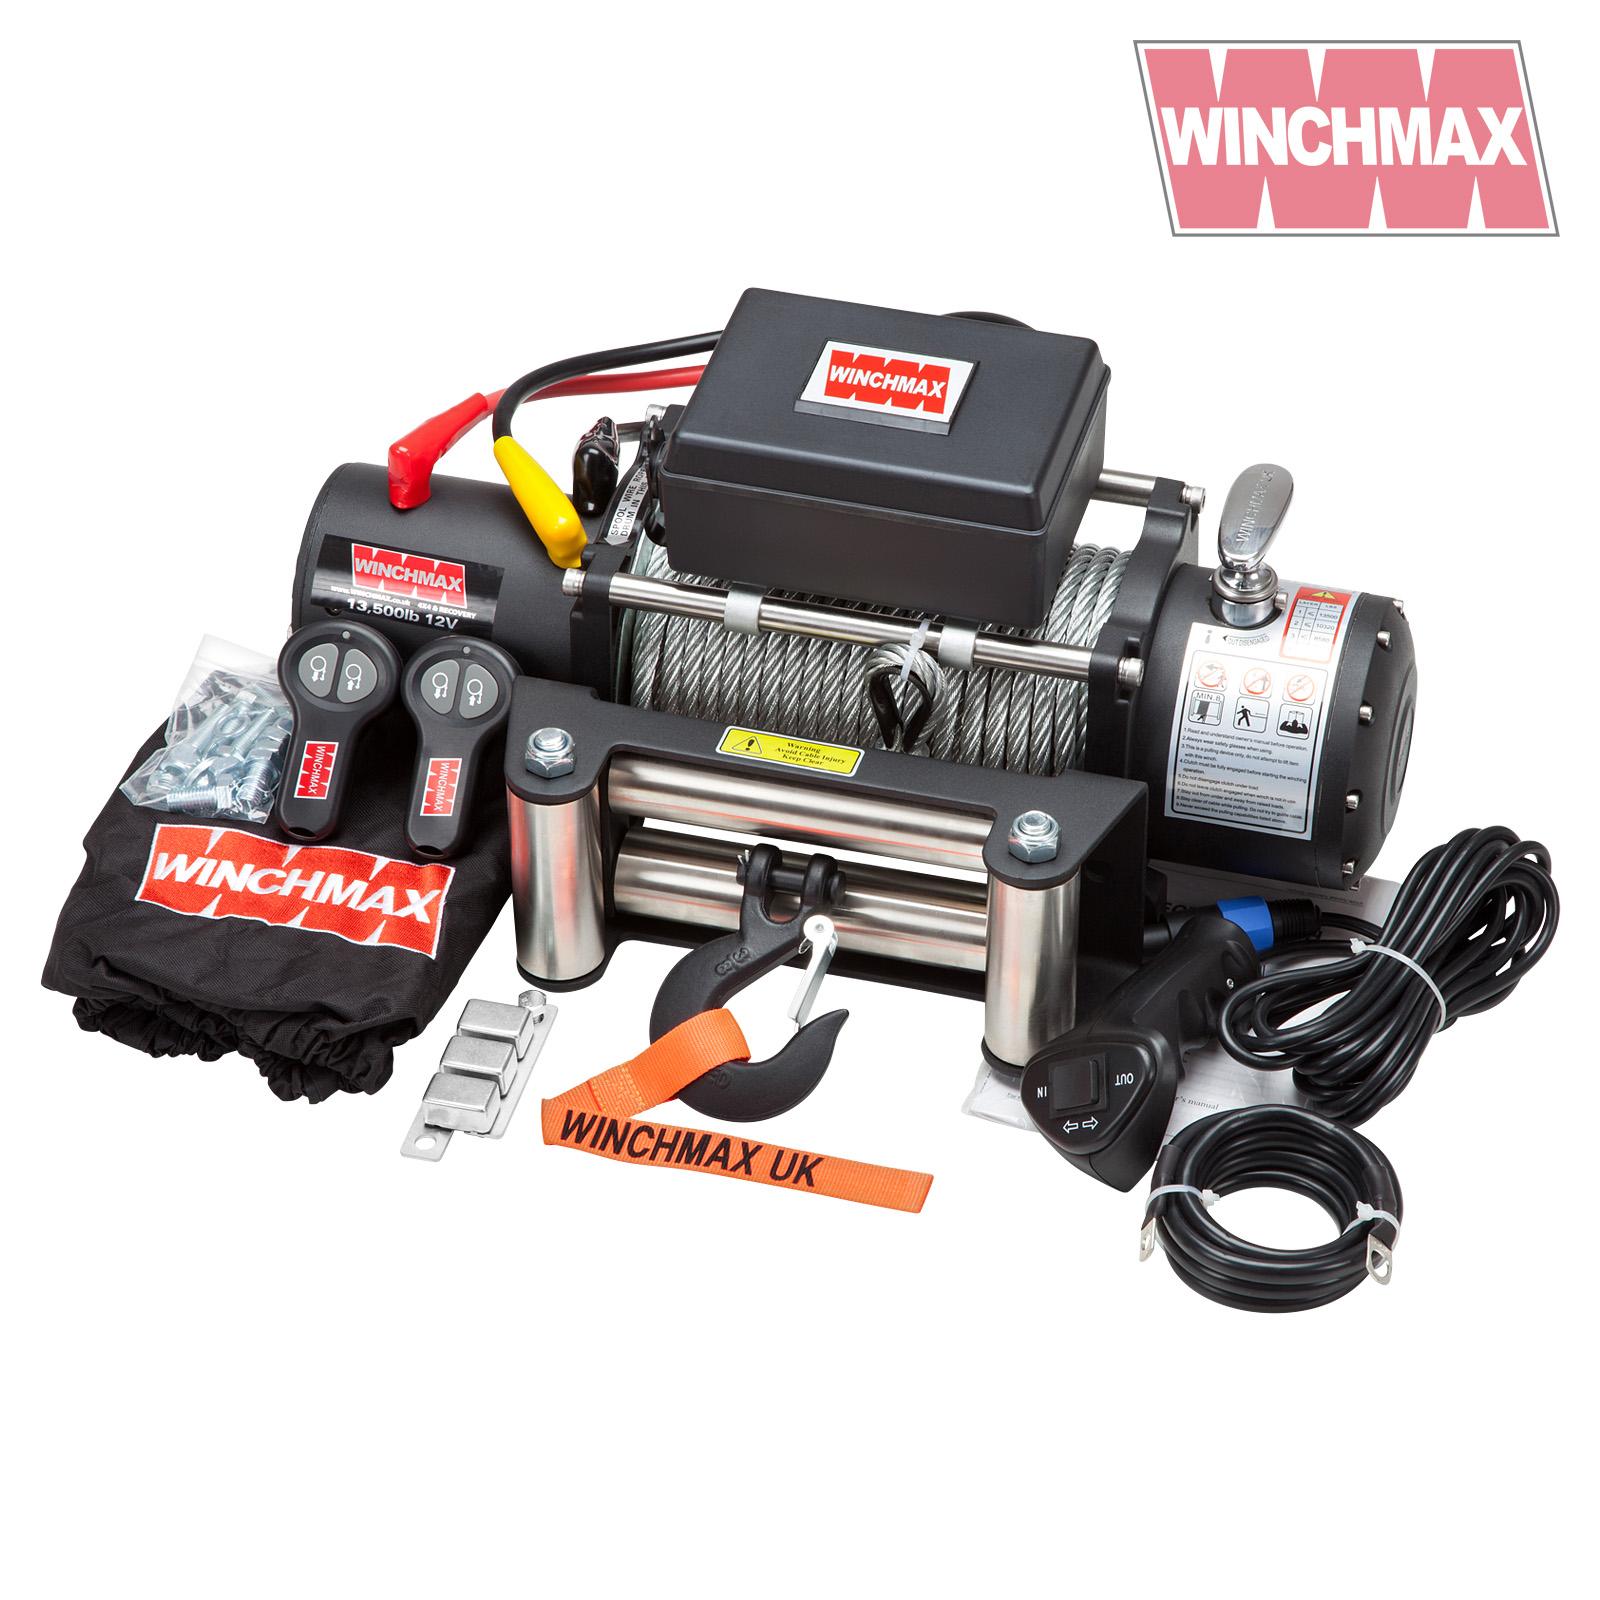 Wm1300012vmil winchmax 176